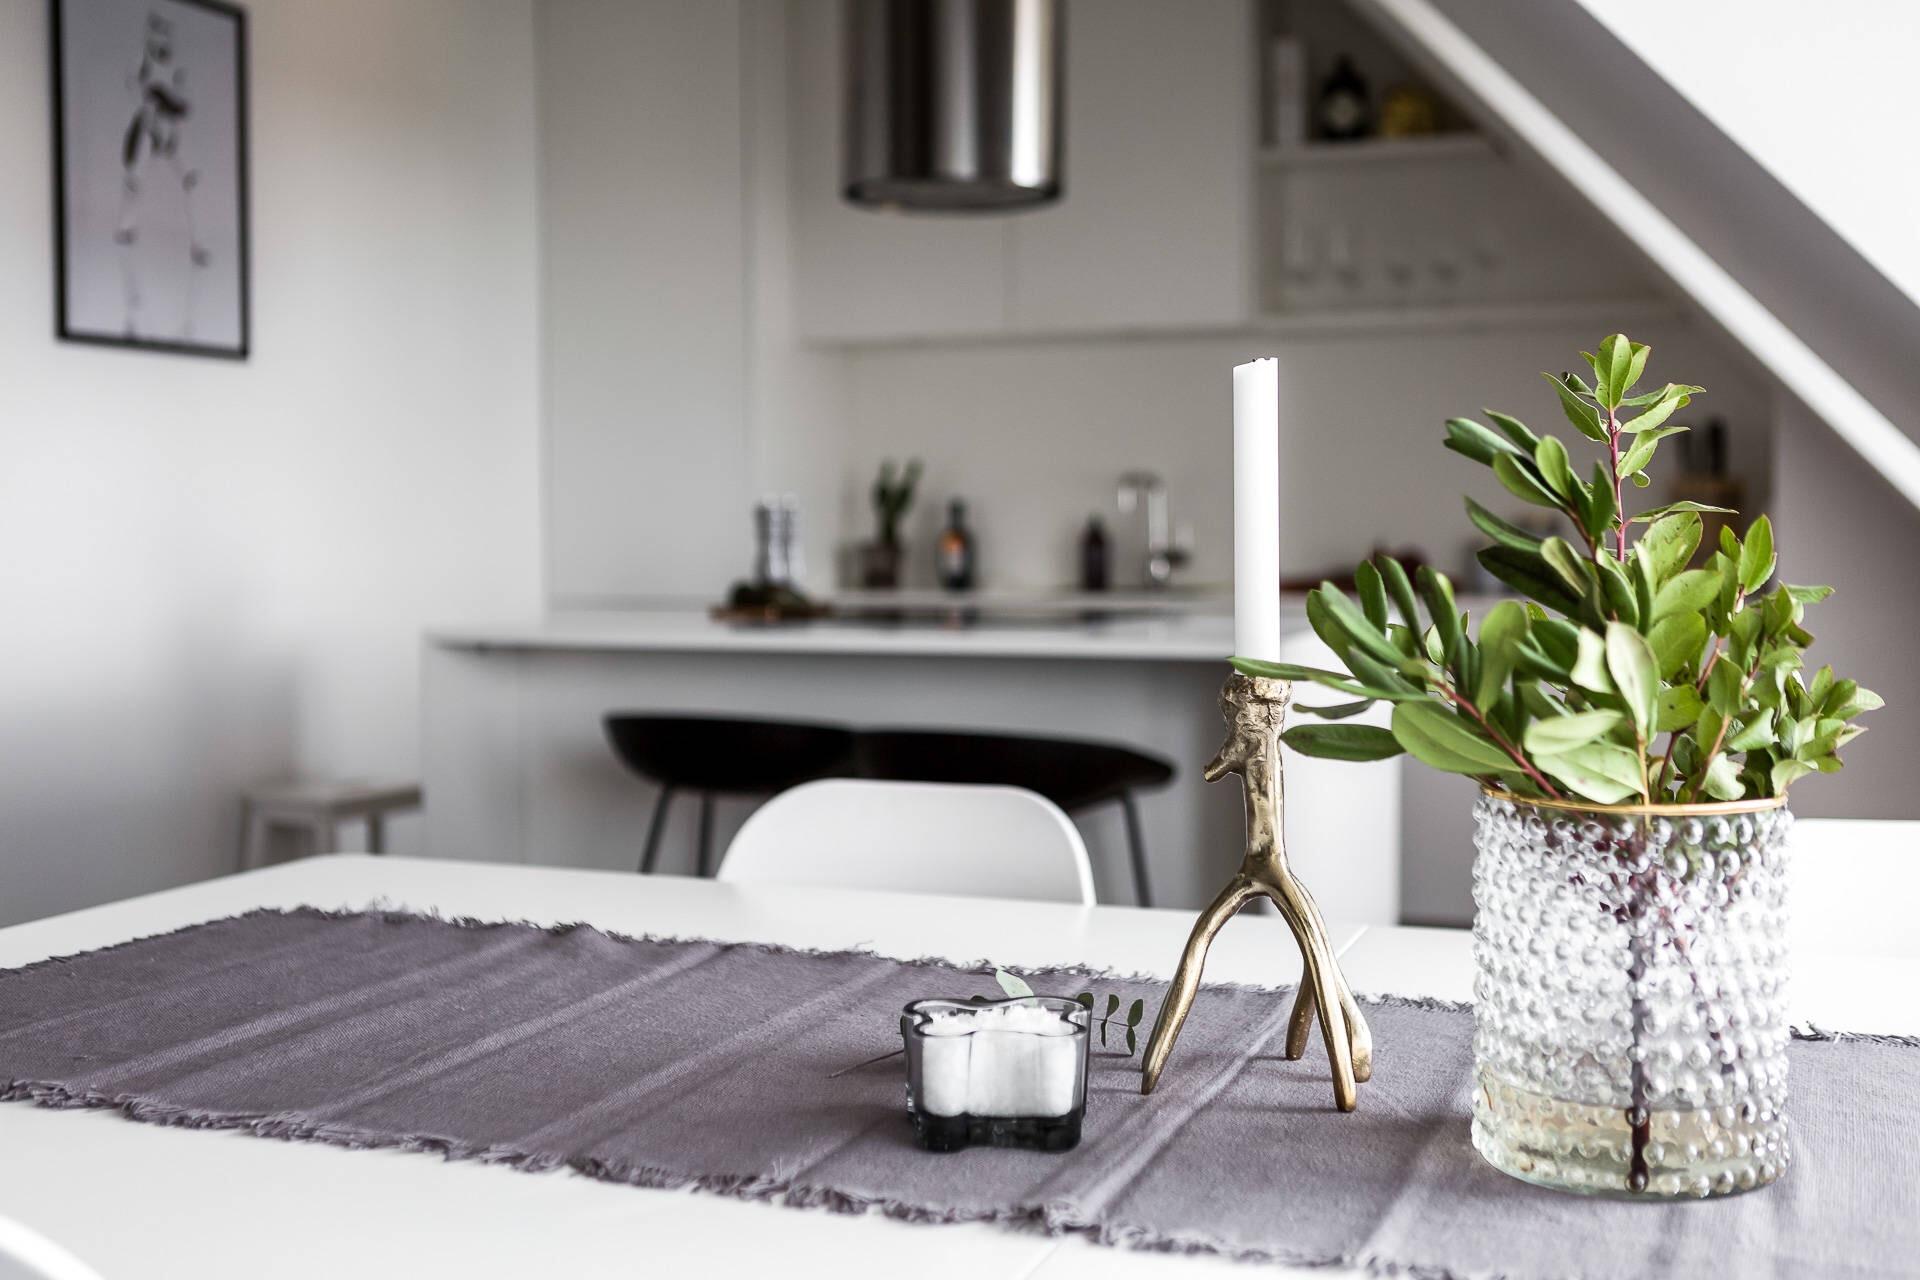 стол текстильная дорожка ваза